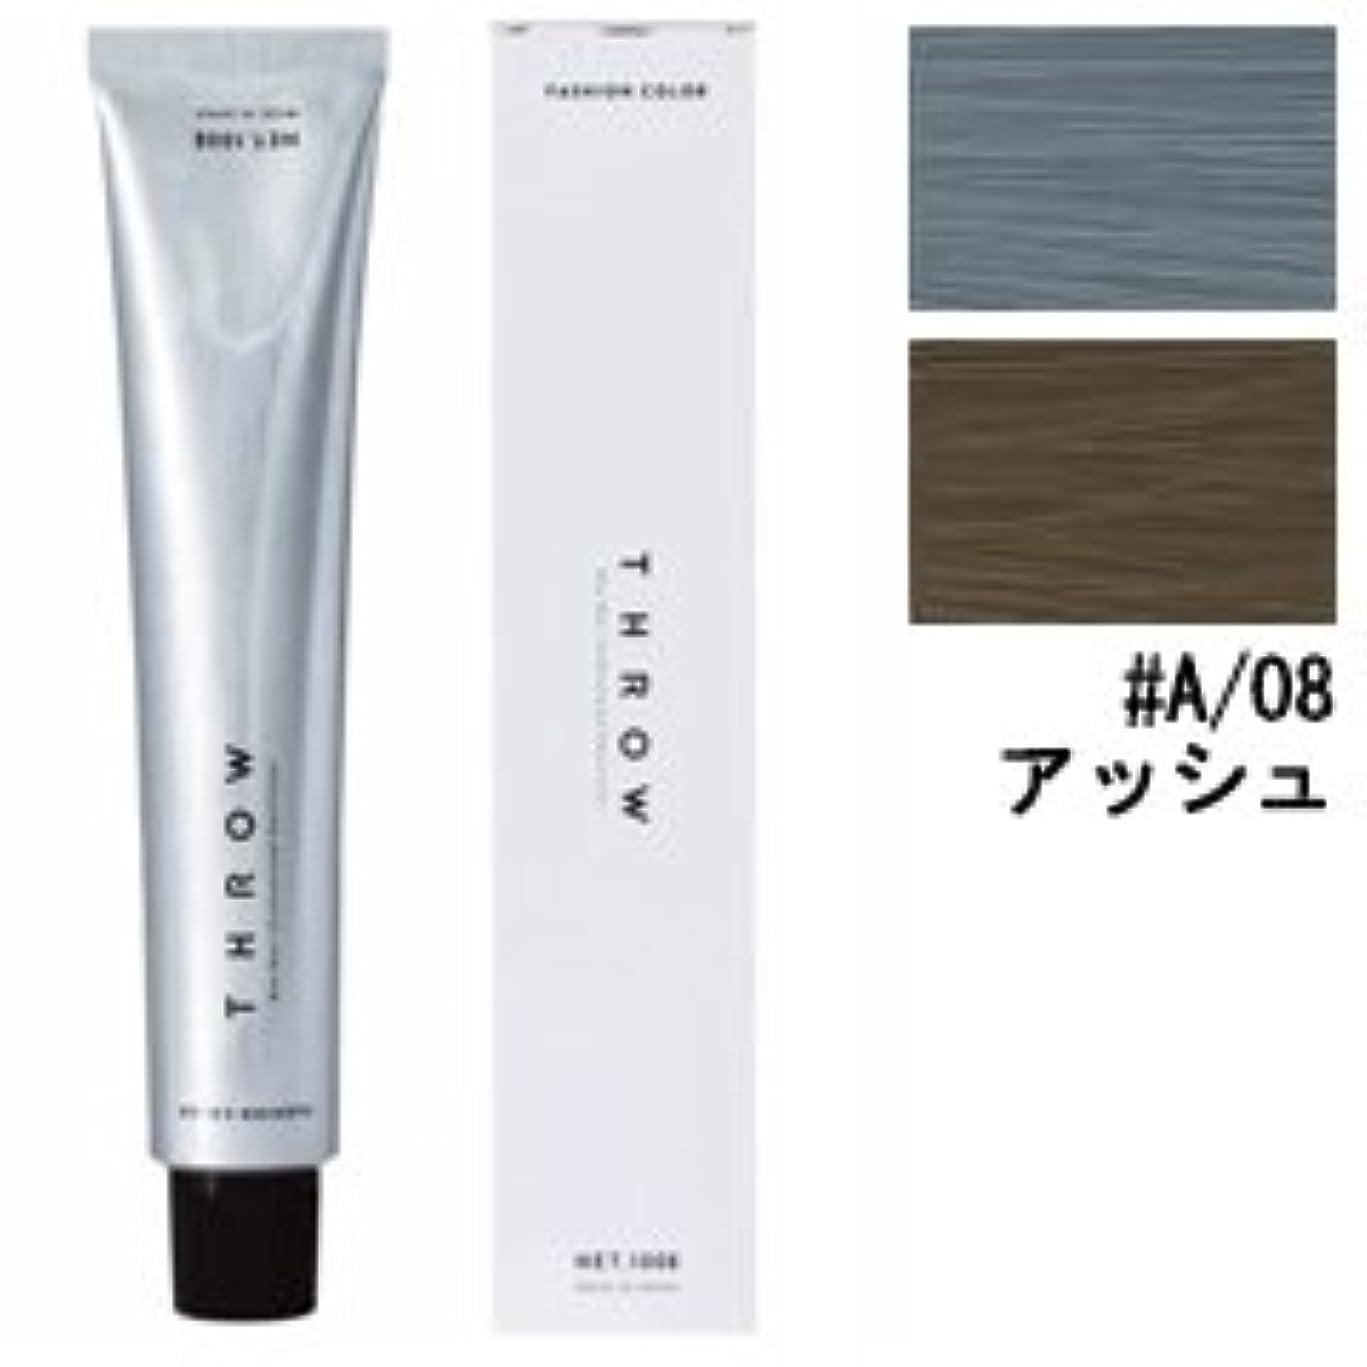 識別スキップ骨髄【モルトベーネ】スロウ ファッションカラー #A/08 アッシュ 100g